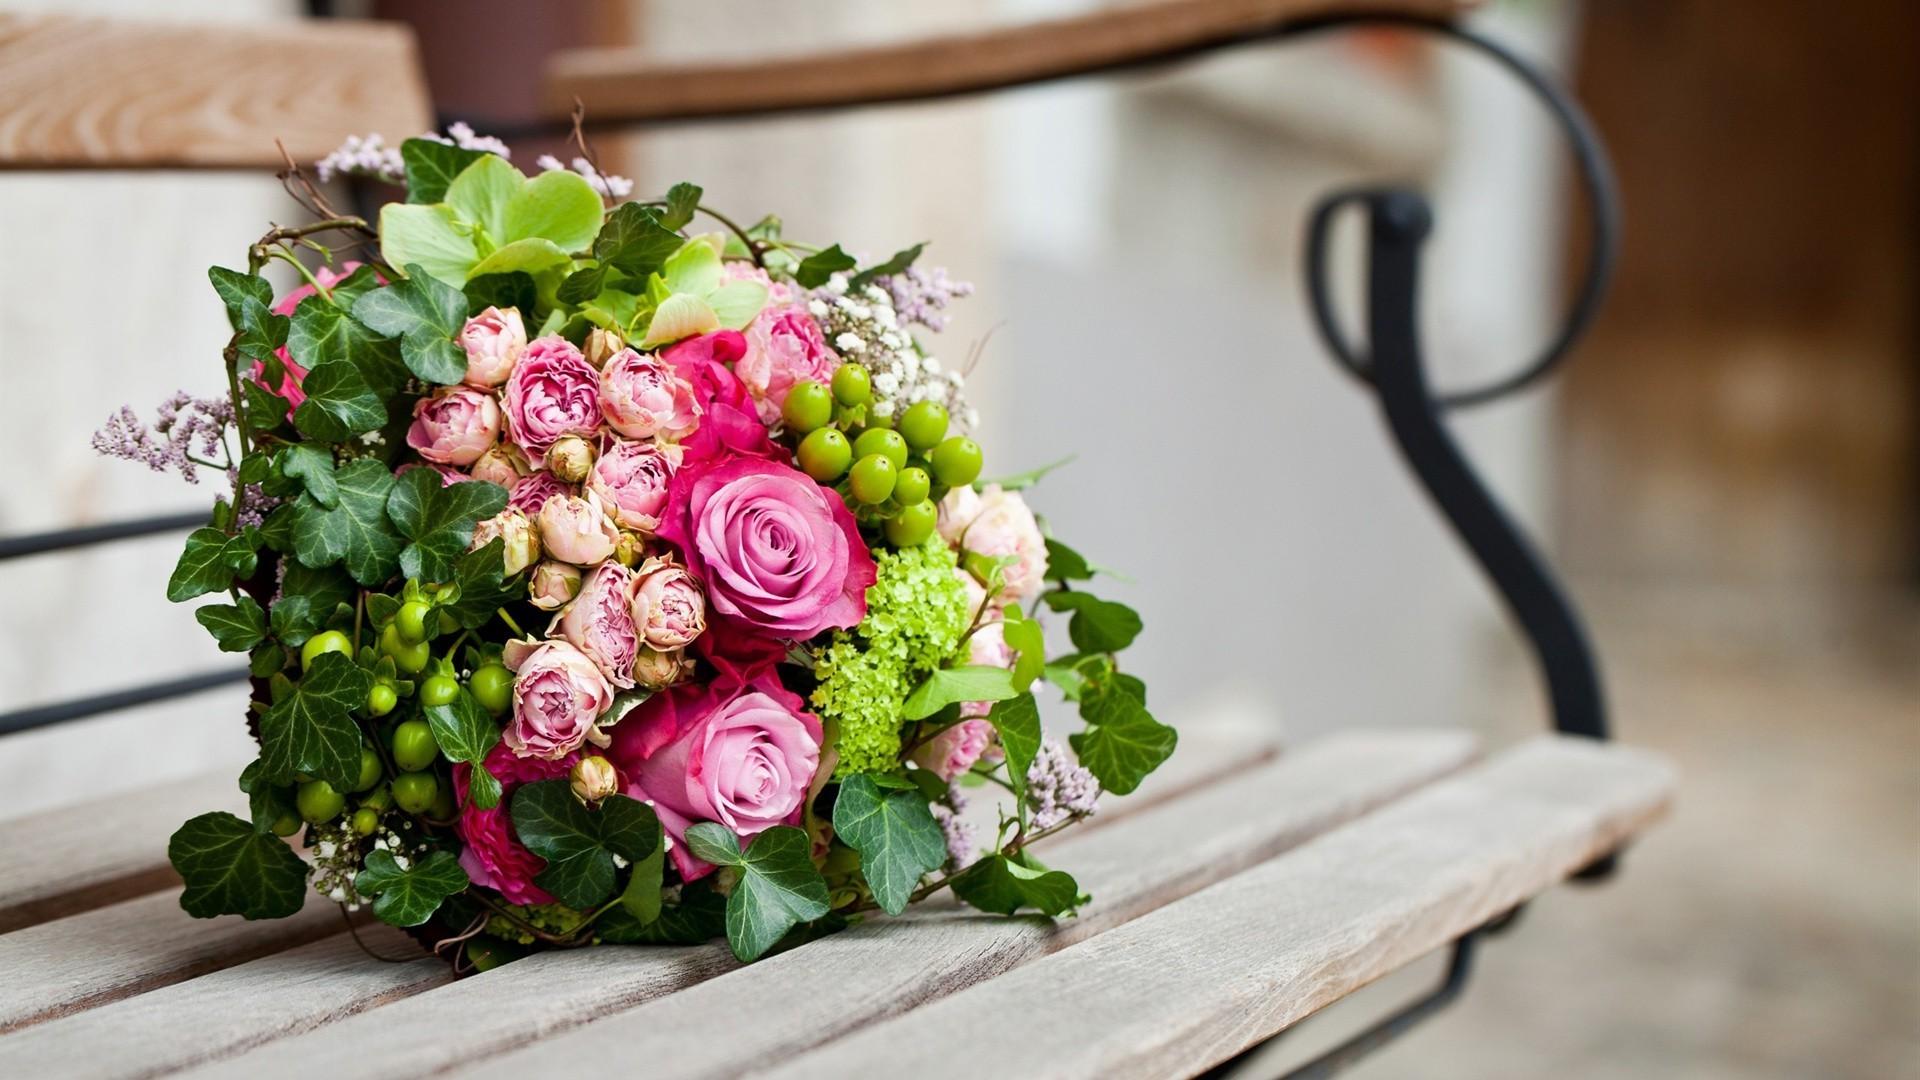 картинки на рабочий стол букет цветов